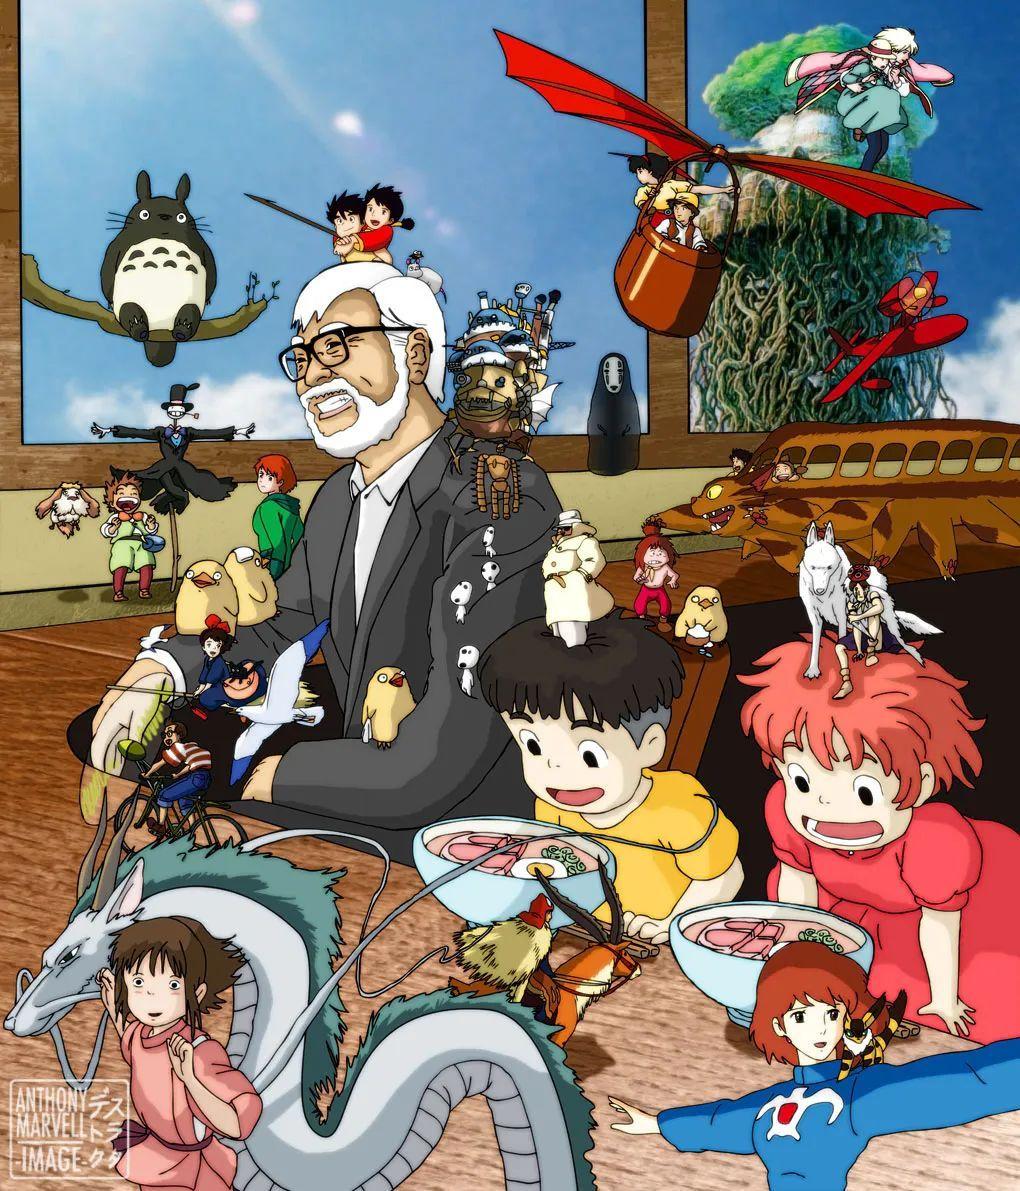 宫崎骏父子合力勇闯戛纳,谈谈这些年这对父子的爱恨情仇。_图片 No.6